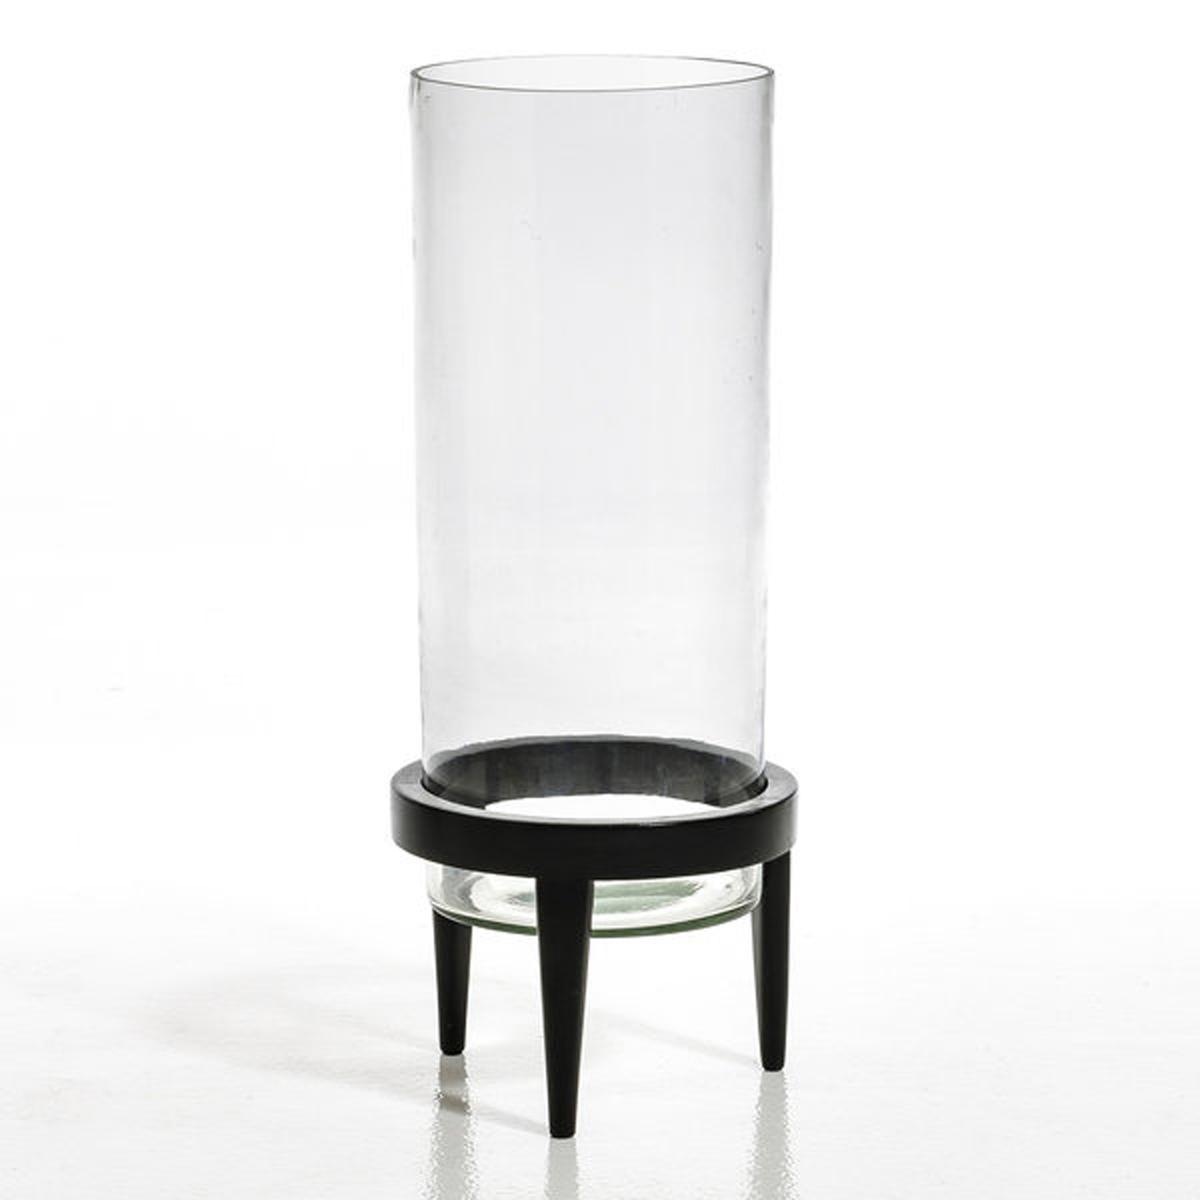 Террариум Bocage из стекла и мангового дерева, диаметр 25,5 смОригинальный террариум позволяет подчеркнуть растения, растущие внутри.Размеры :Размер 1 : диаметр 20 x высота 40 смРазмер 2 : диаметр 25,5 x высота 60 см<br><br>Цвет: черный